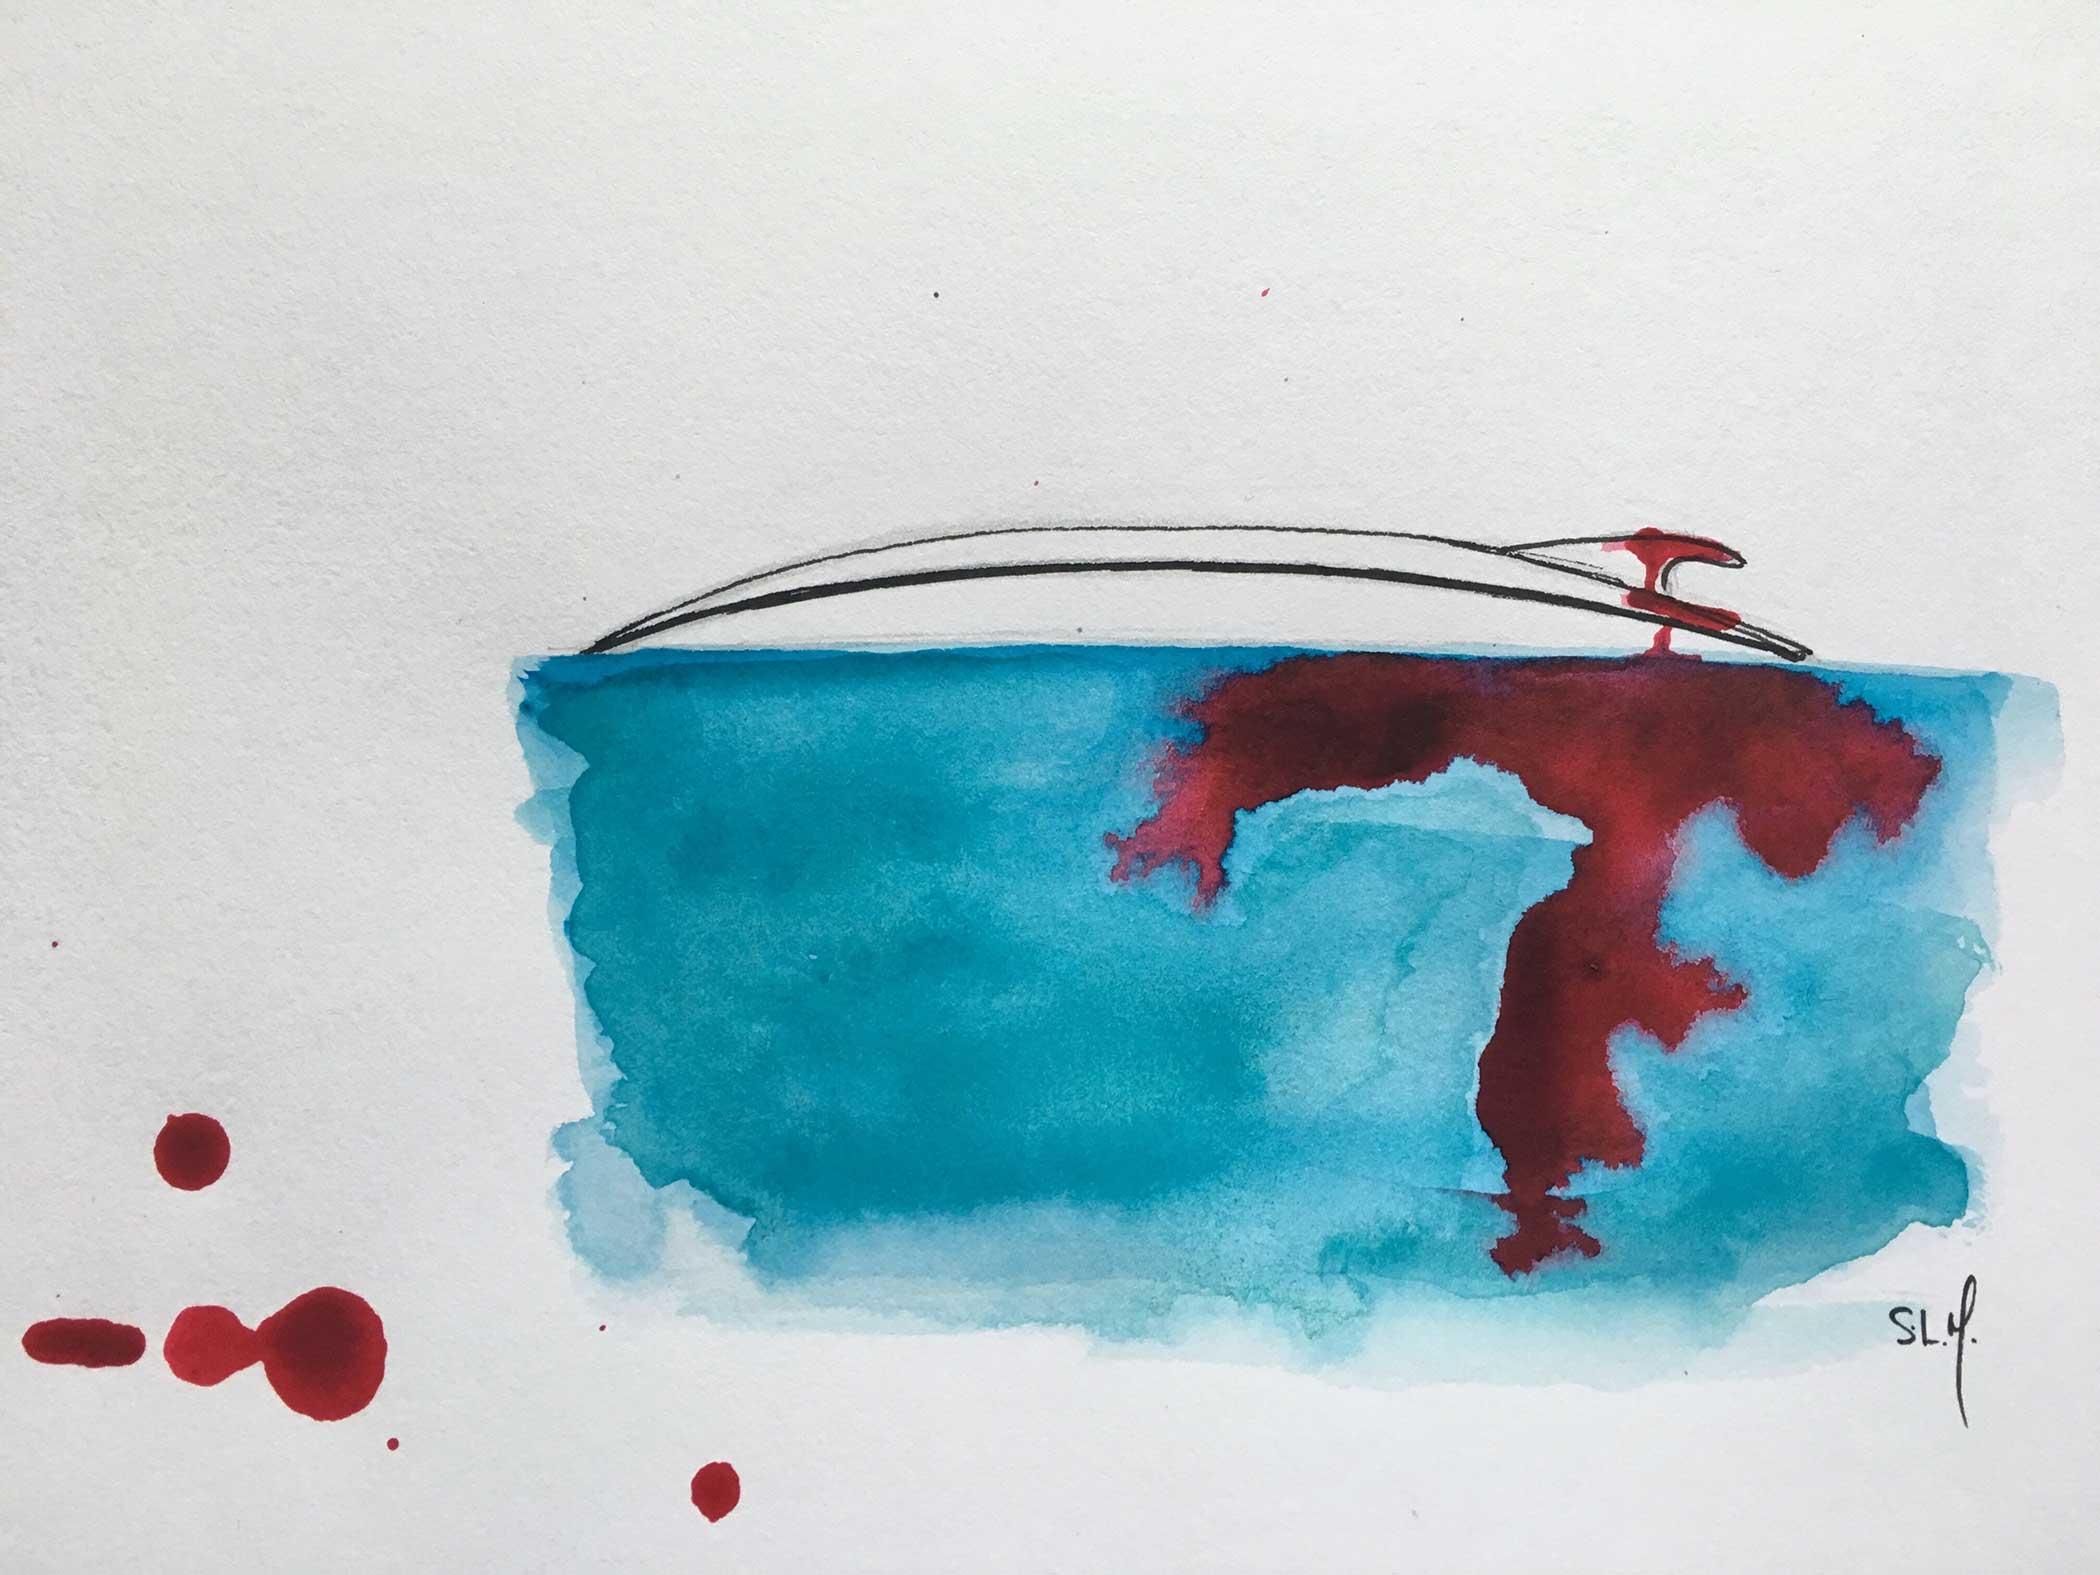 Deathly Fin Encre et Aquarelle sur papier A4 (24cm x 29,7cm) 2018